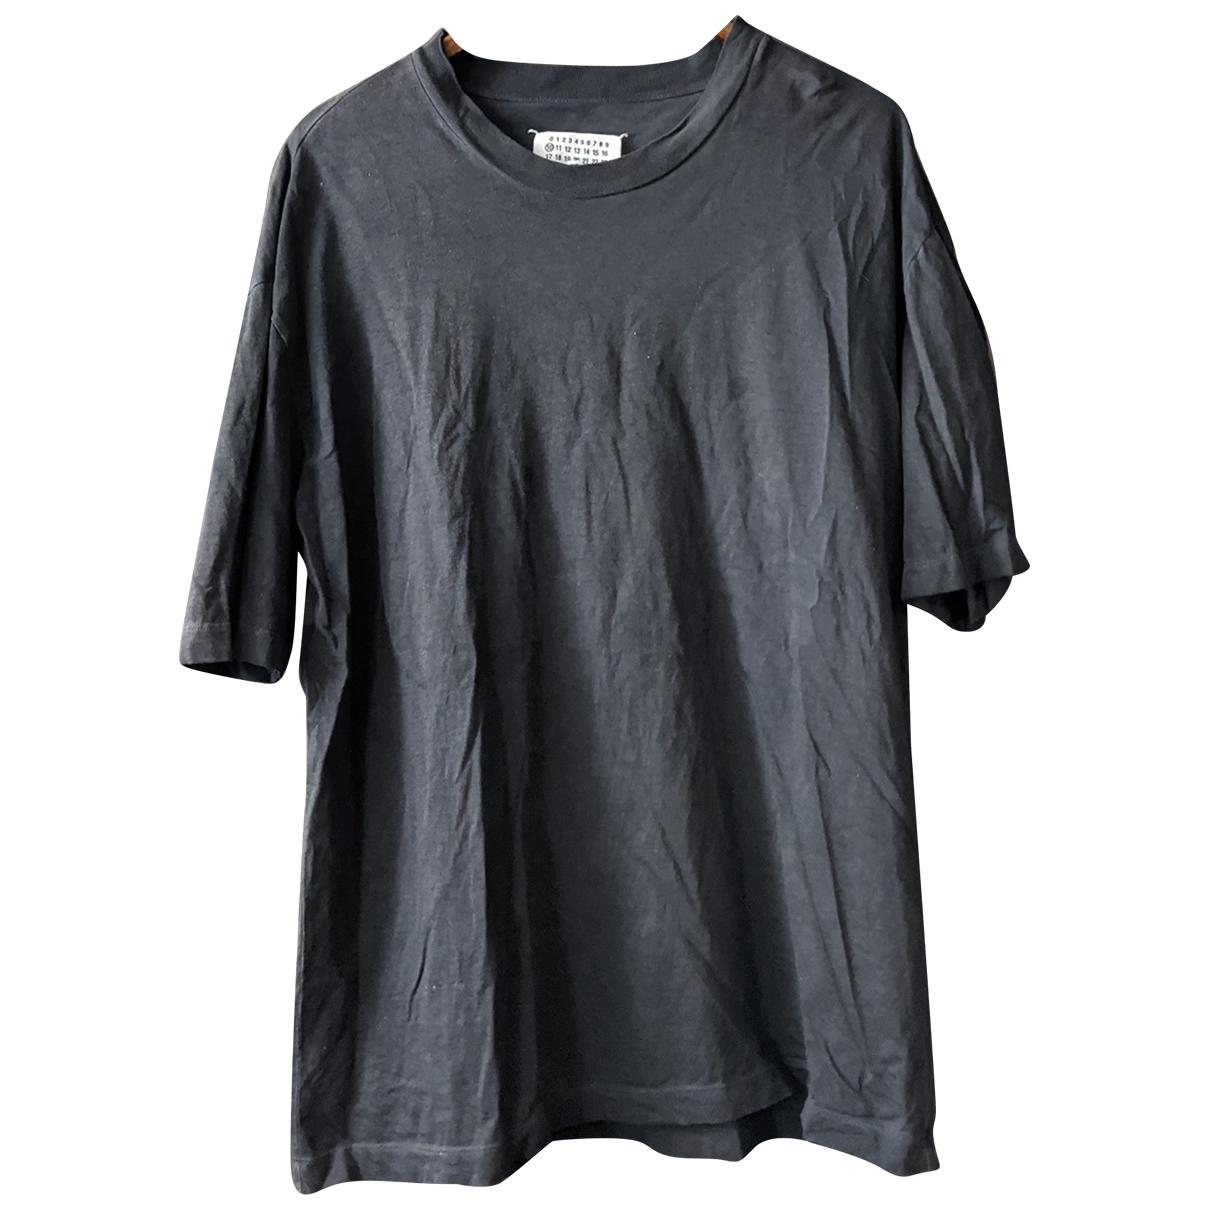 Maison Martin Margiela - Tee shirts   pour homme en coton - noir